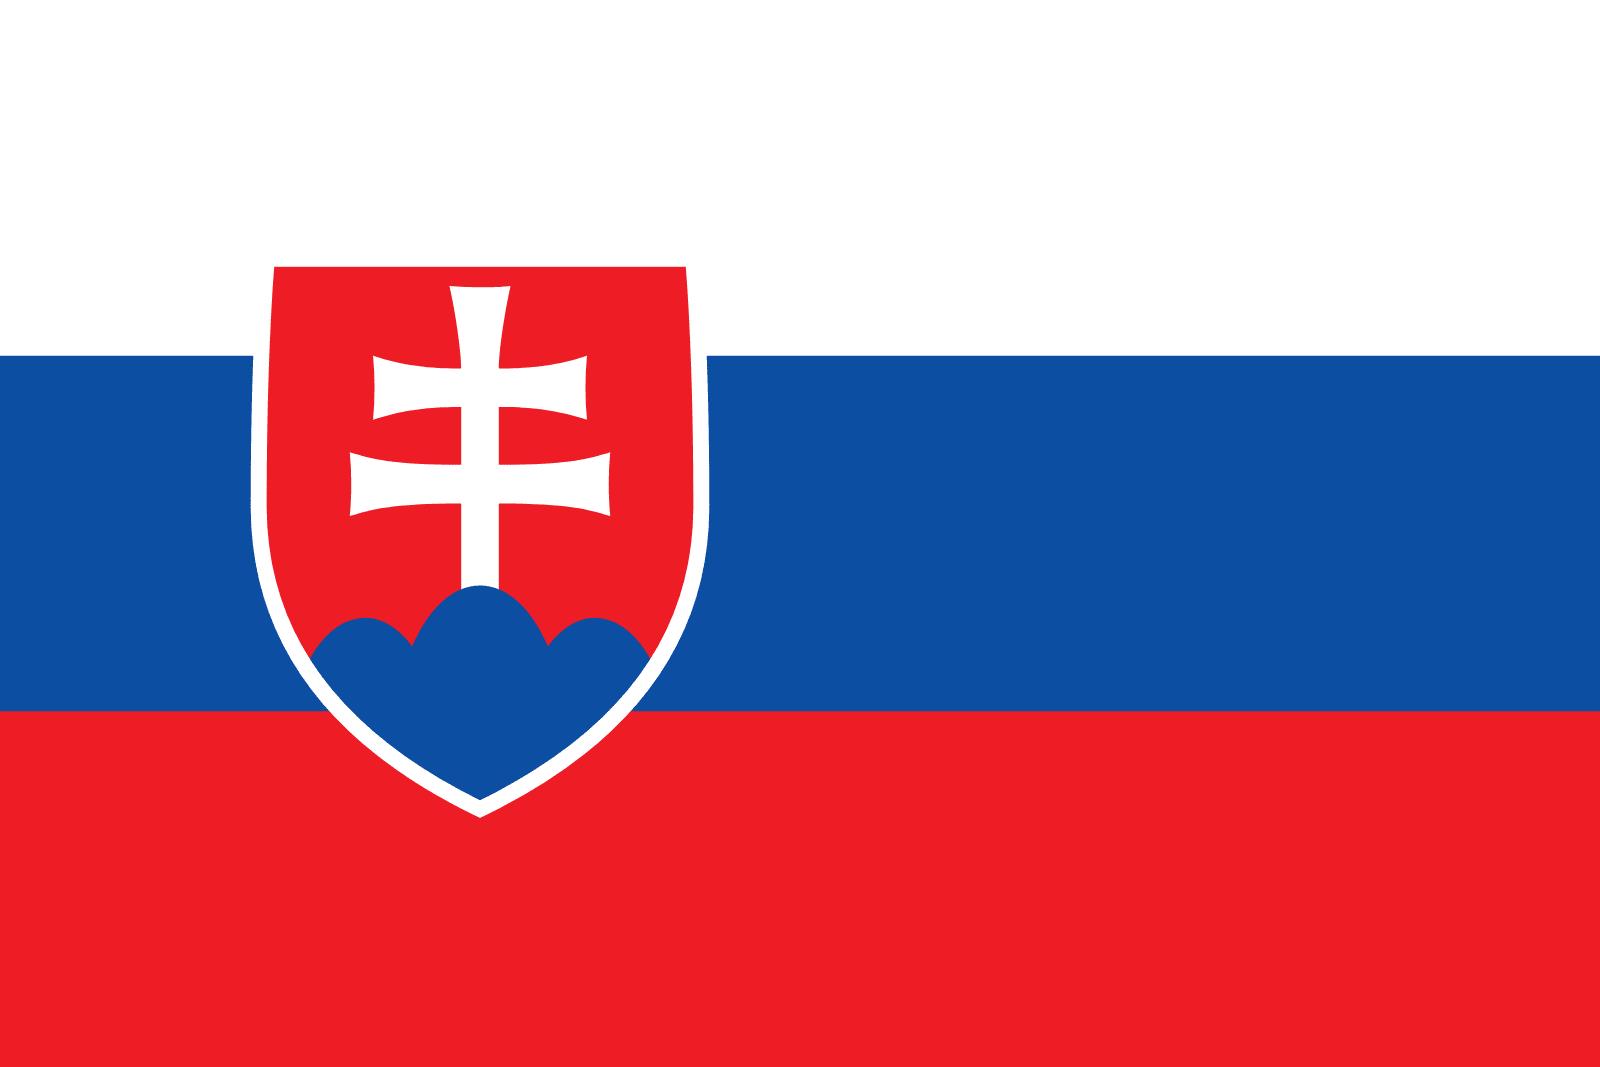 Bandera de Eslovaquia | Banderas-mundo.es